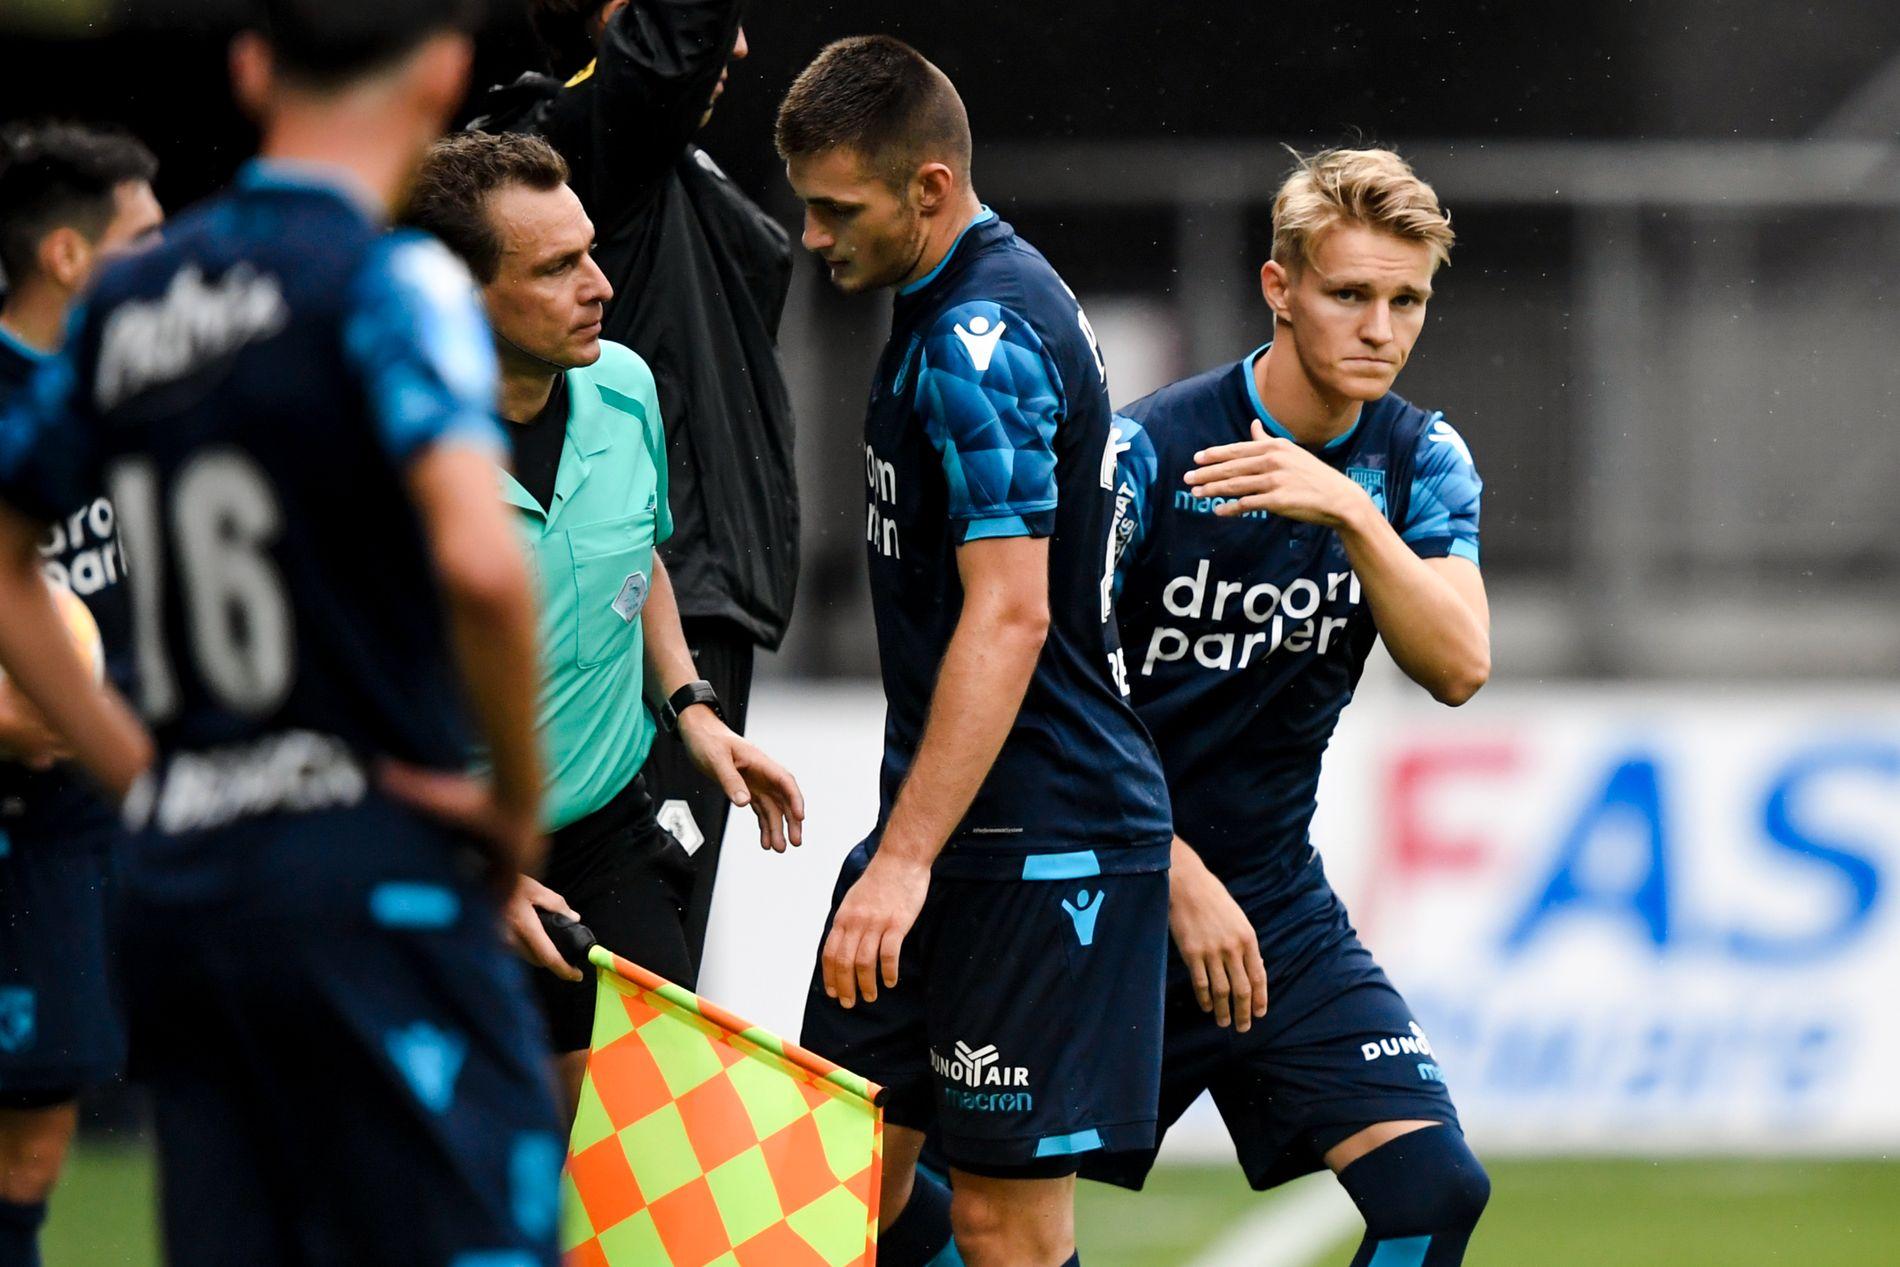 BYTTET INN: Martin Ødegaard ga lagkamerat Matus Bero et klapp på ryggen før han entret banen.